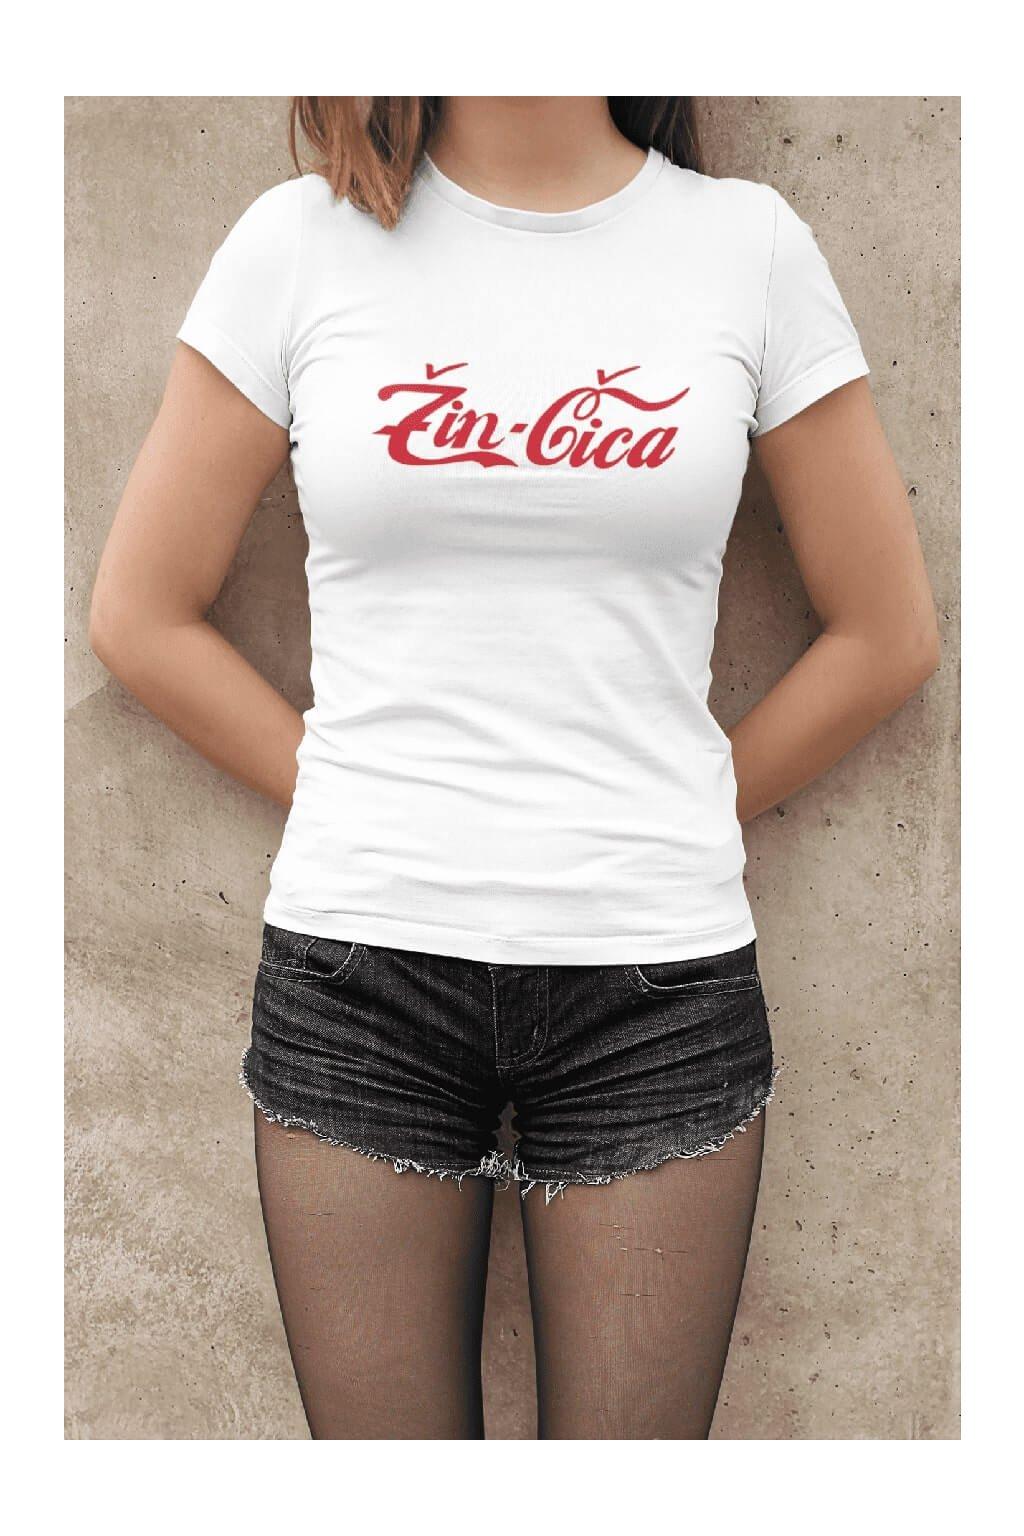 Dámske tričko Žin-Čica